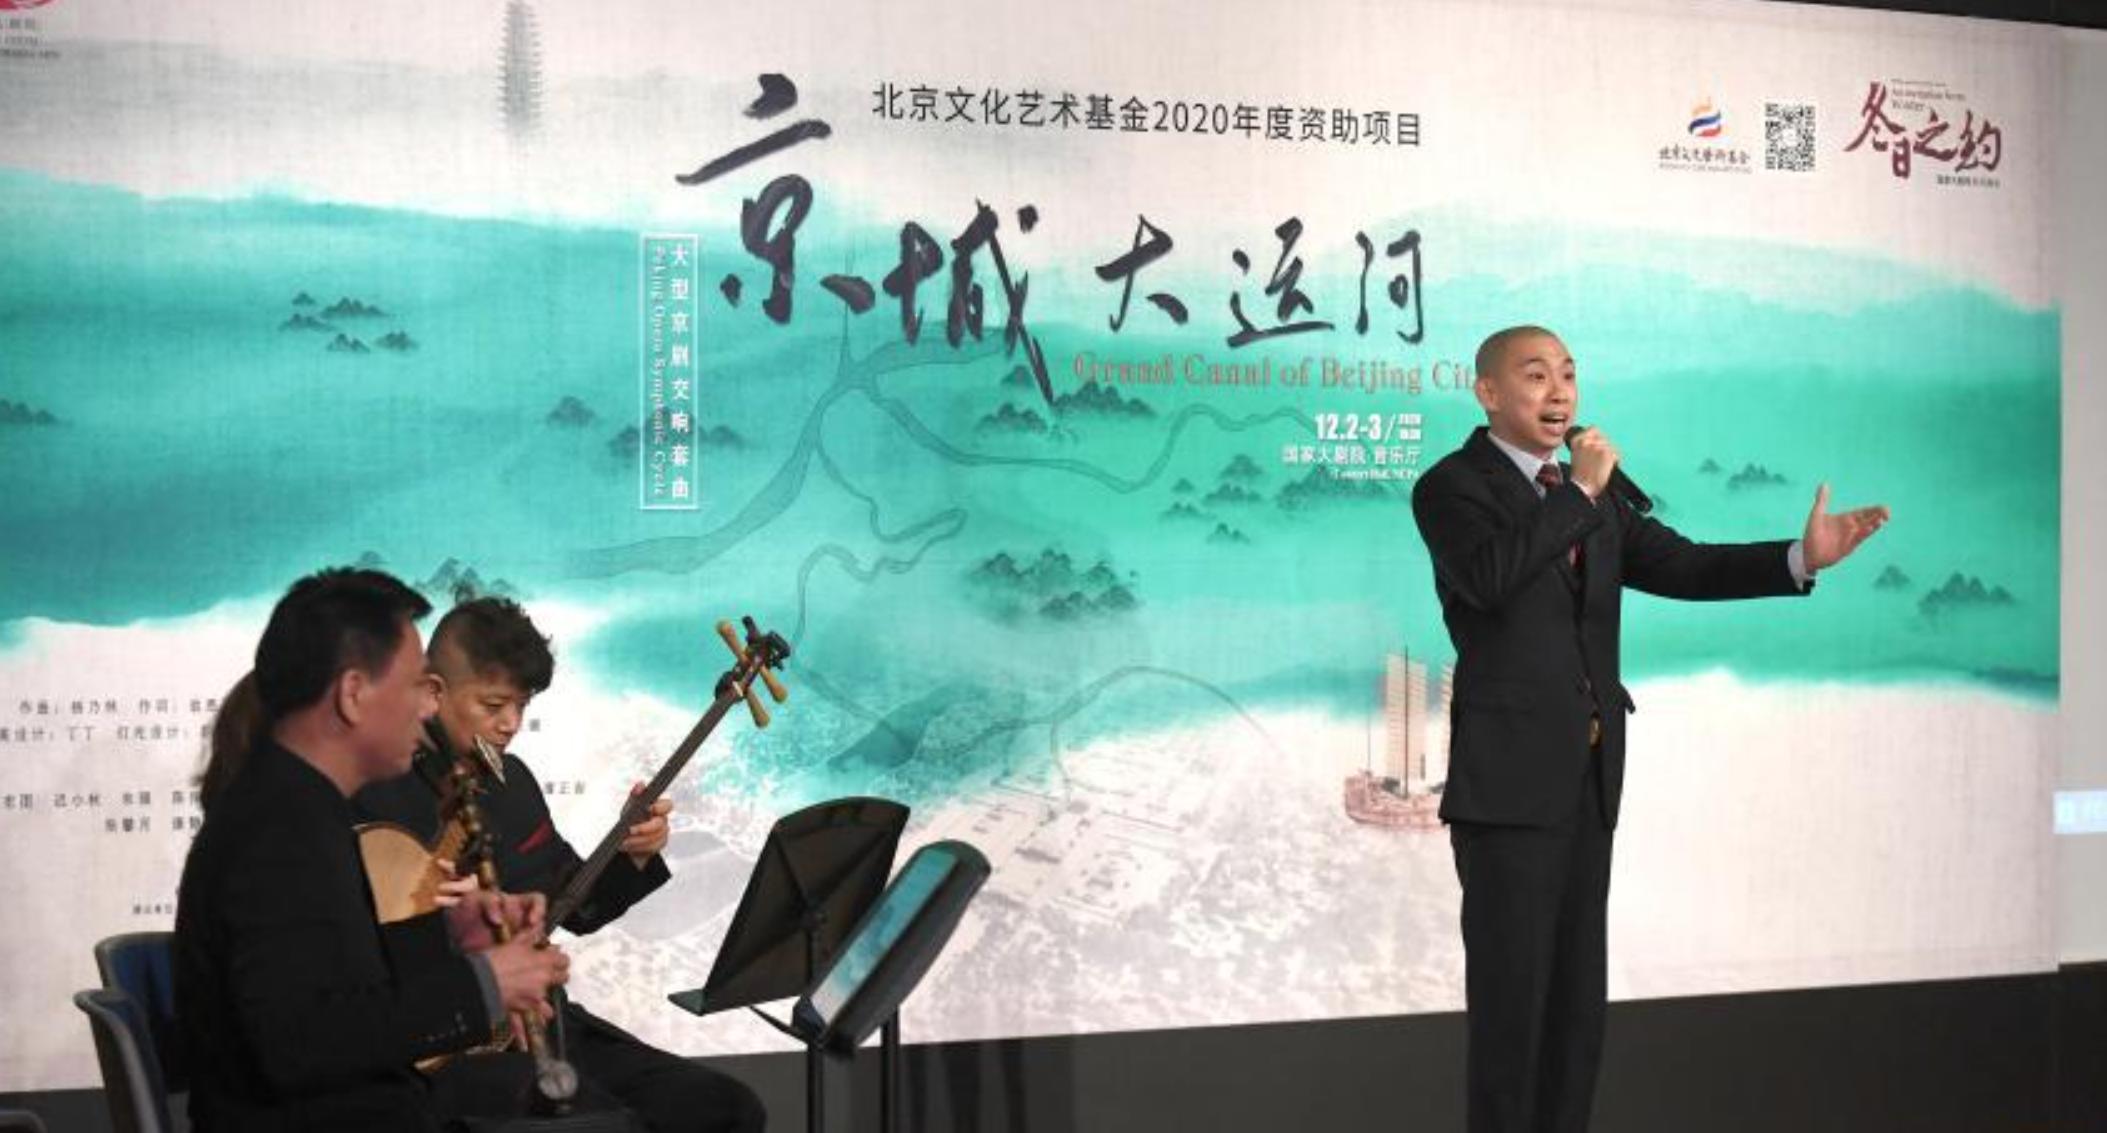 大型京剧交响套曲《京城大运河》即将首演